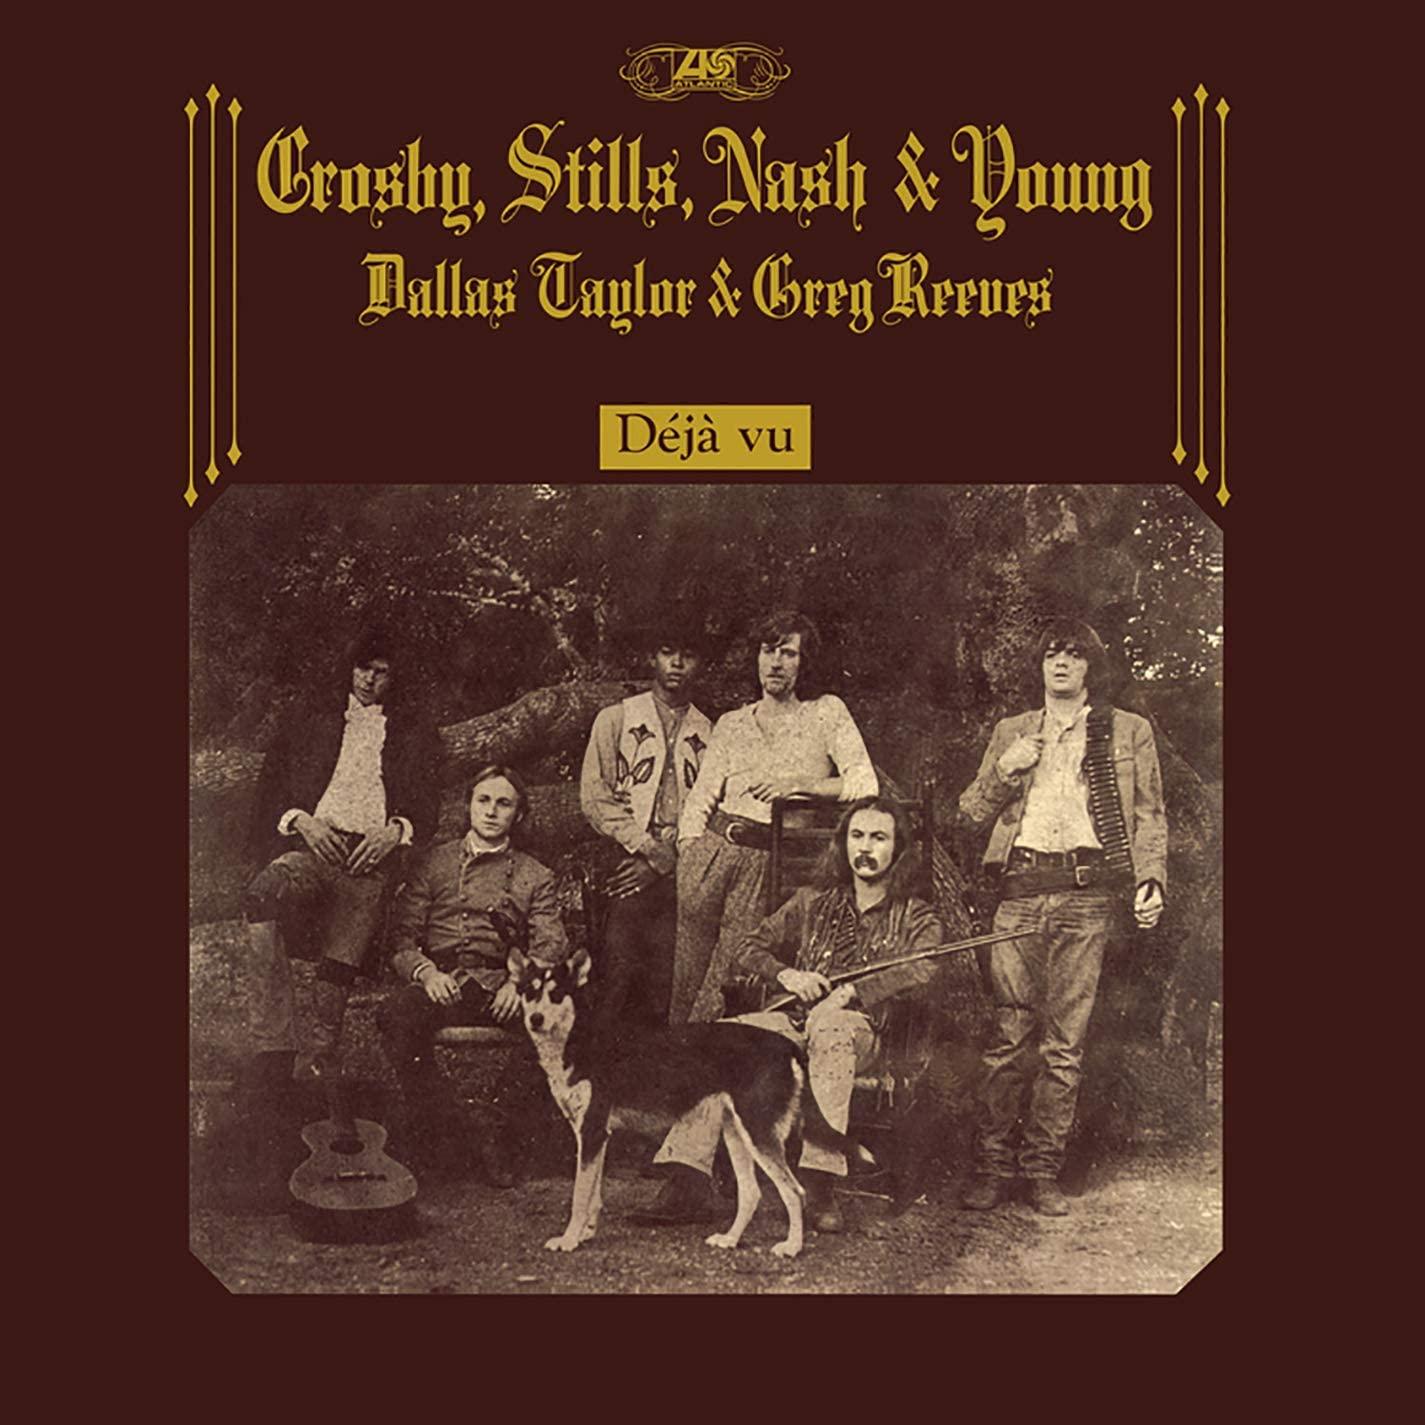 クロスビー、スティルス、ナッシュ&ヤング「デジャ・ヴ」50周年記念盤